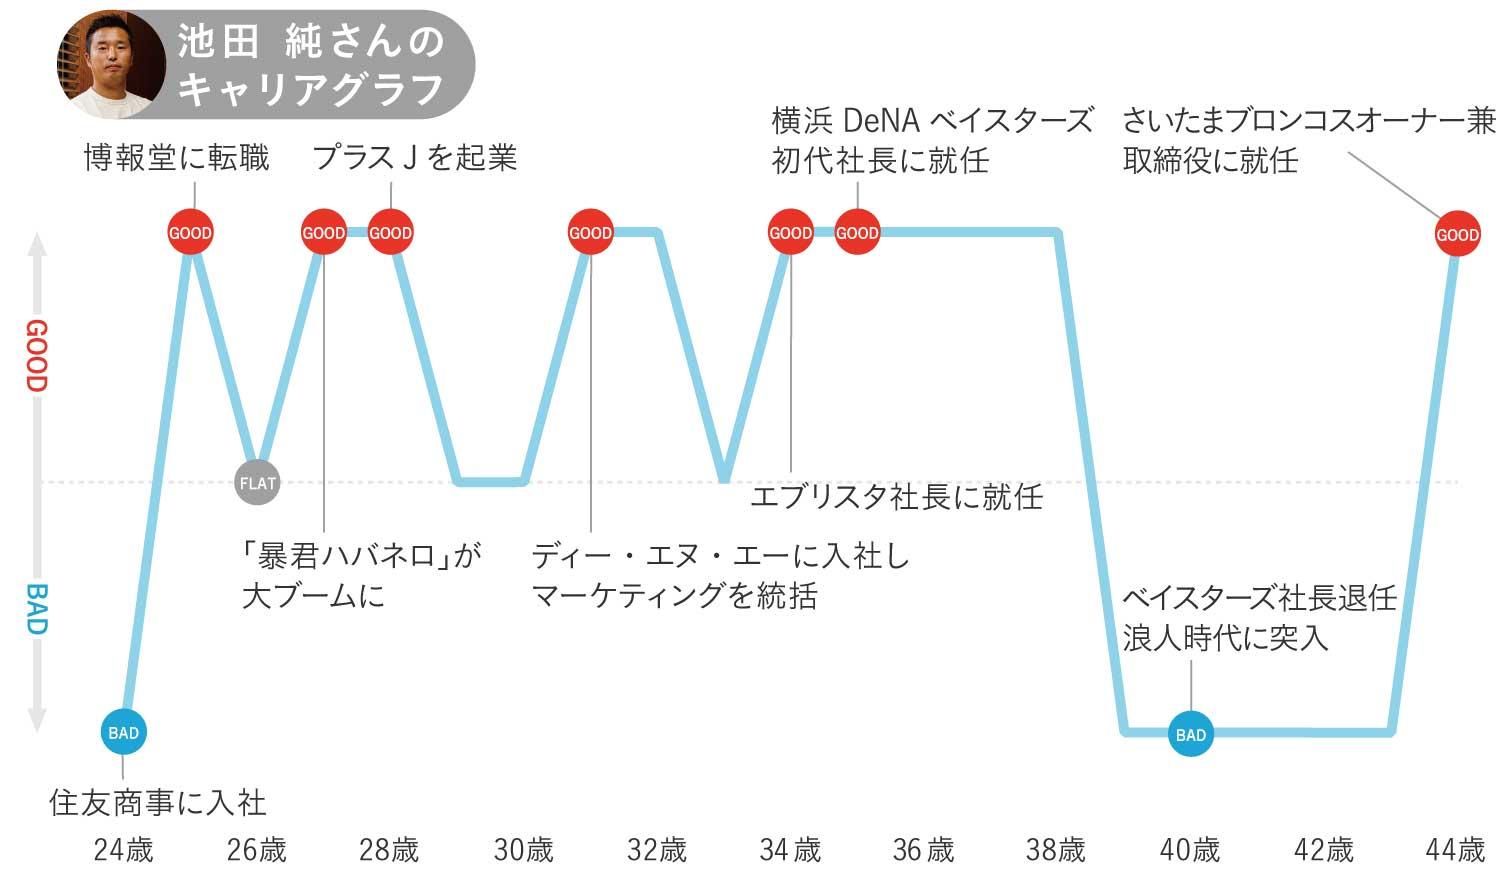 池田純さんのキャリアグラフ1